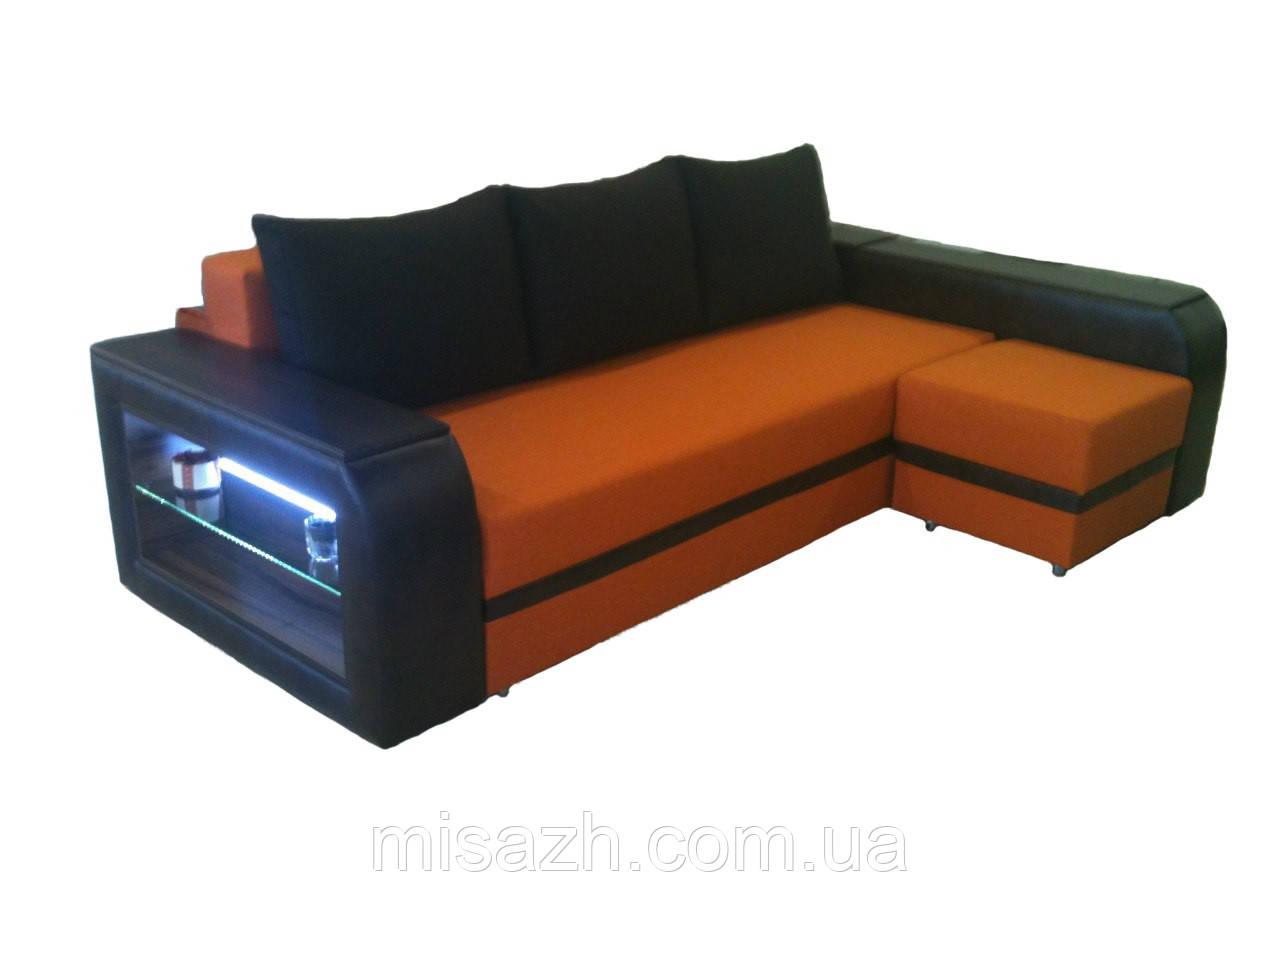 """Угловой диван """"Барселона"""" с подсветкой . витрина 85."""